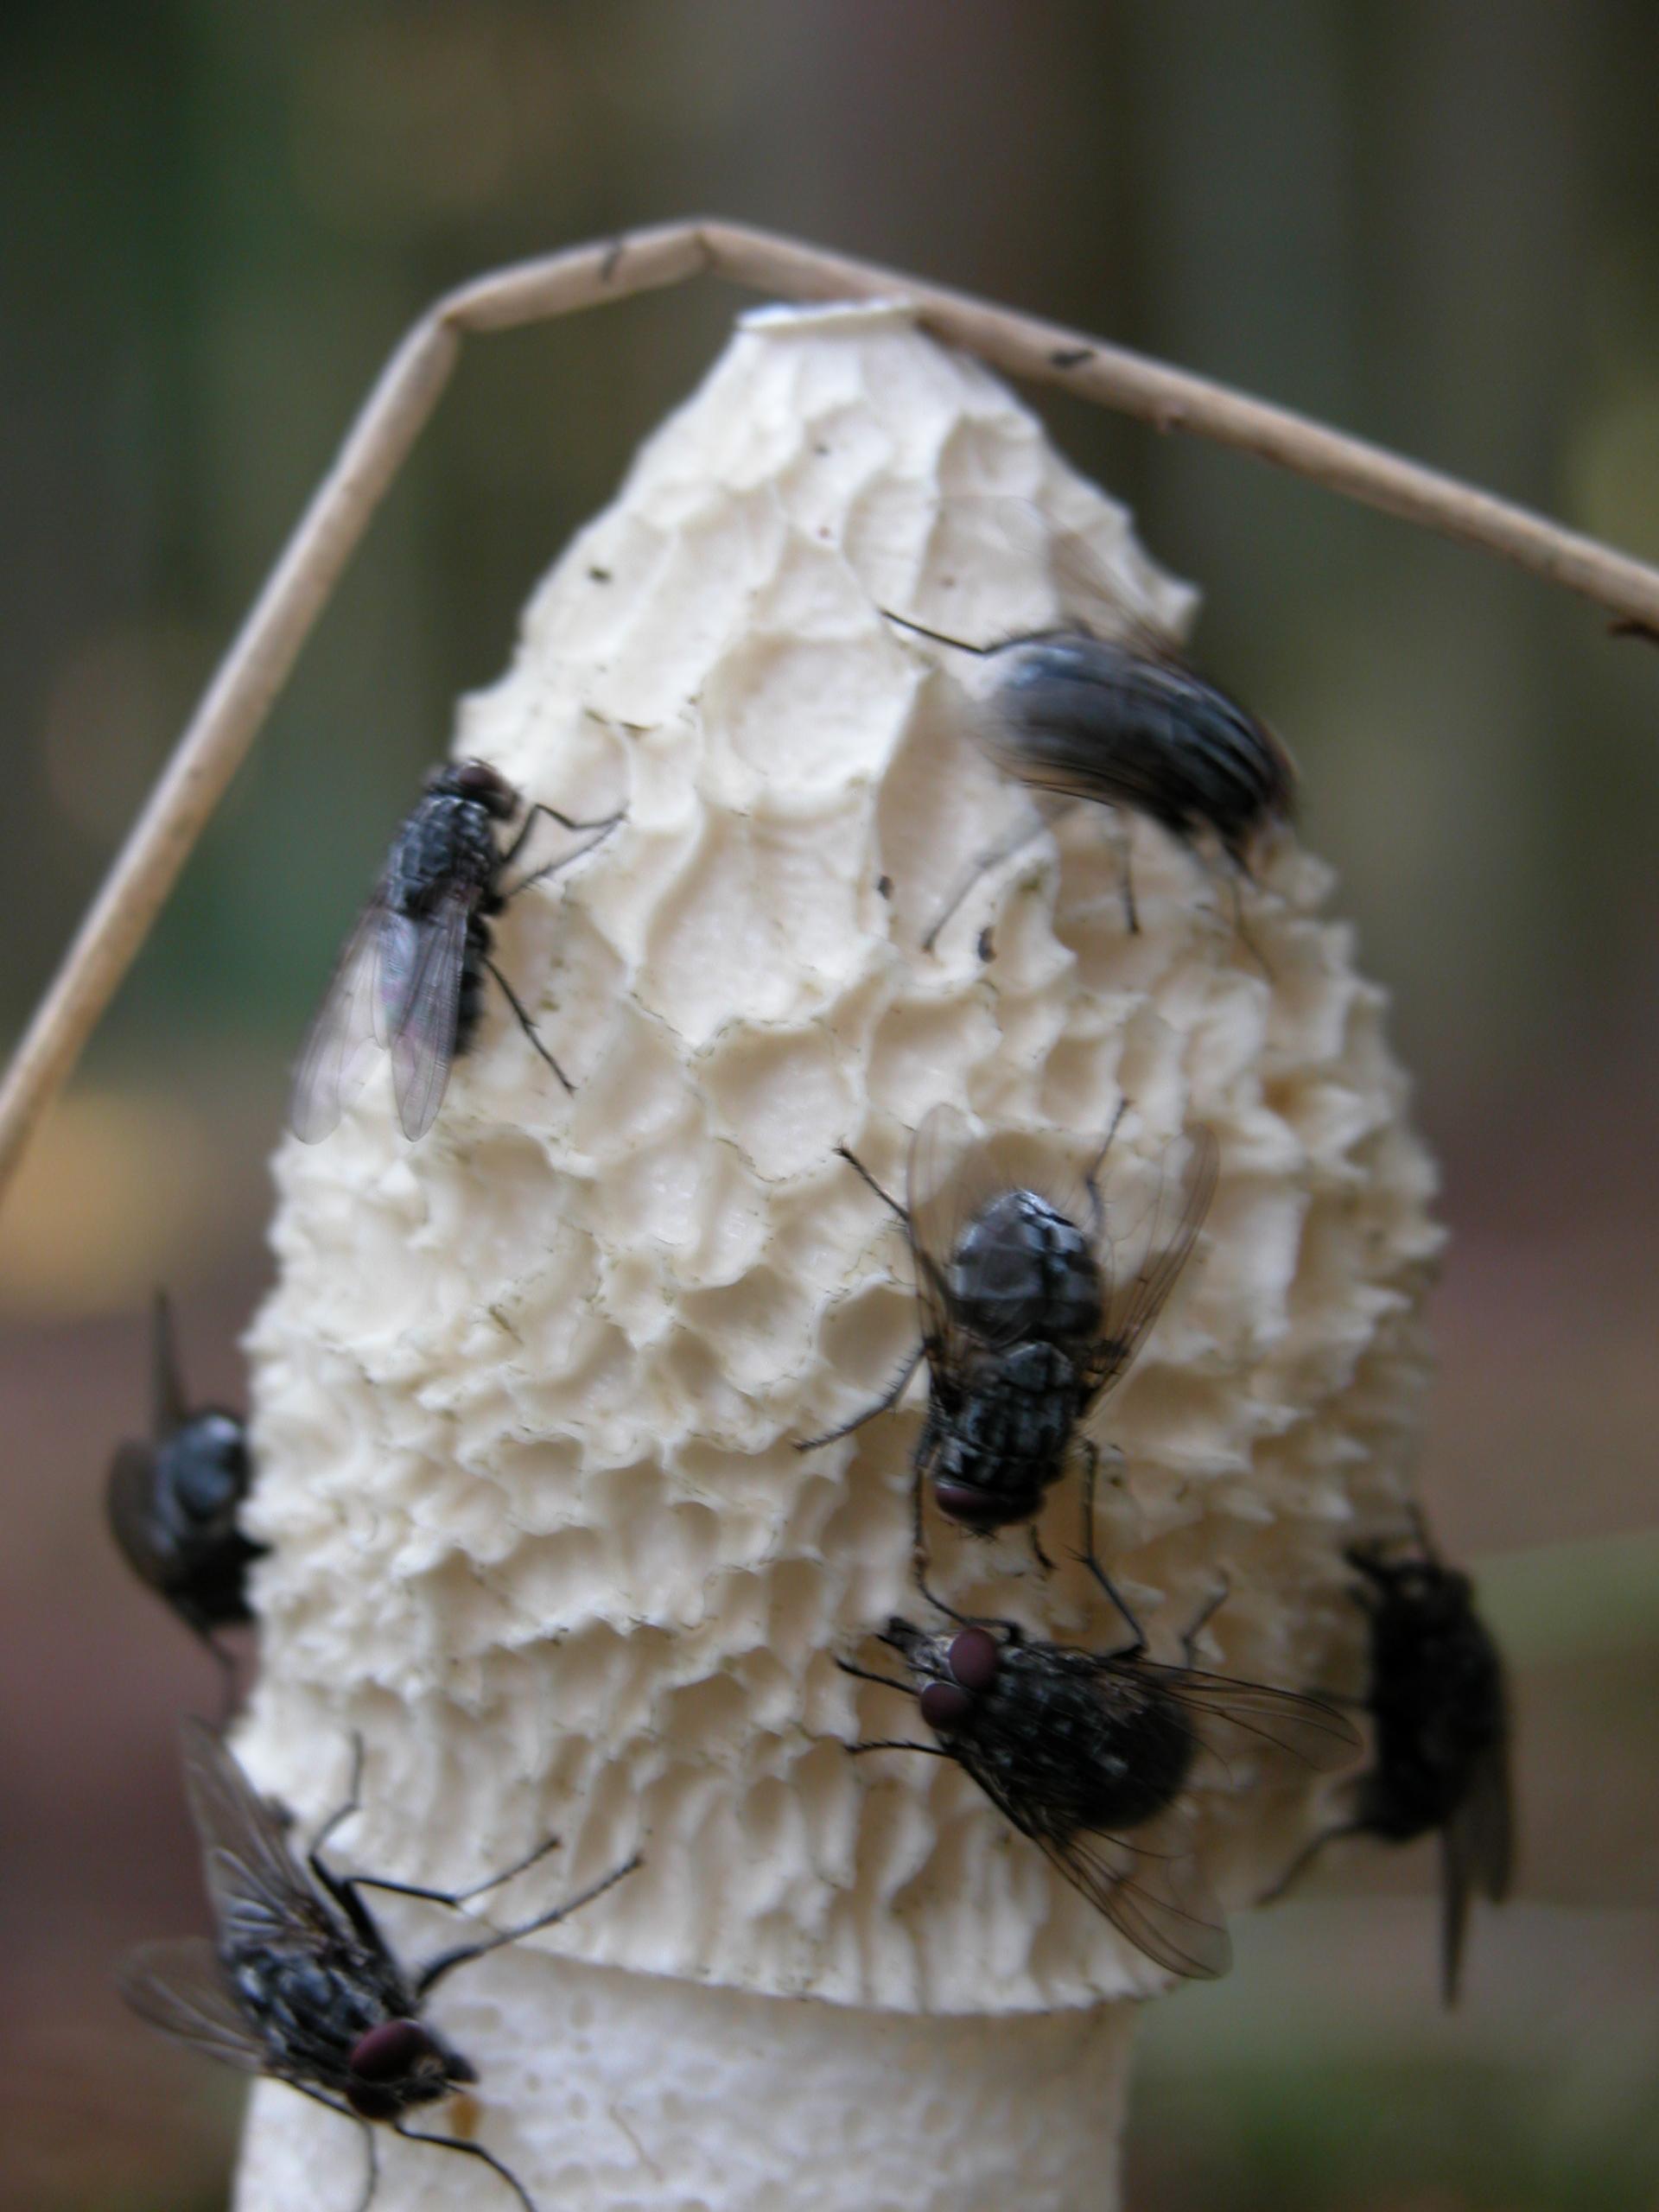 flies on mushroom toadstool